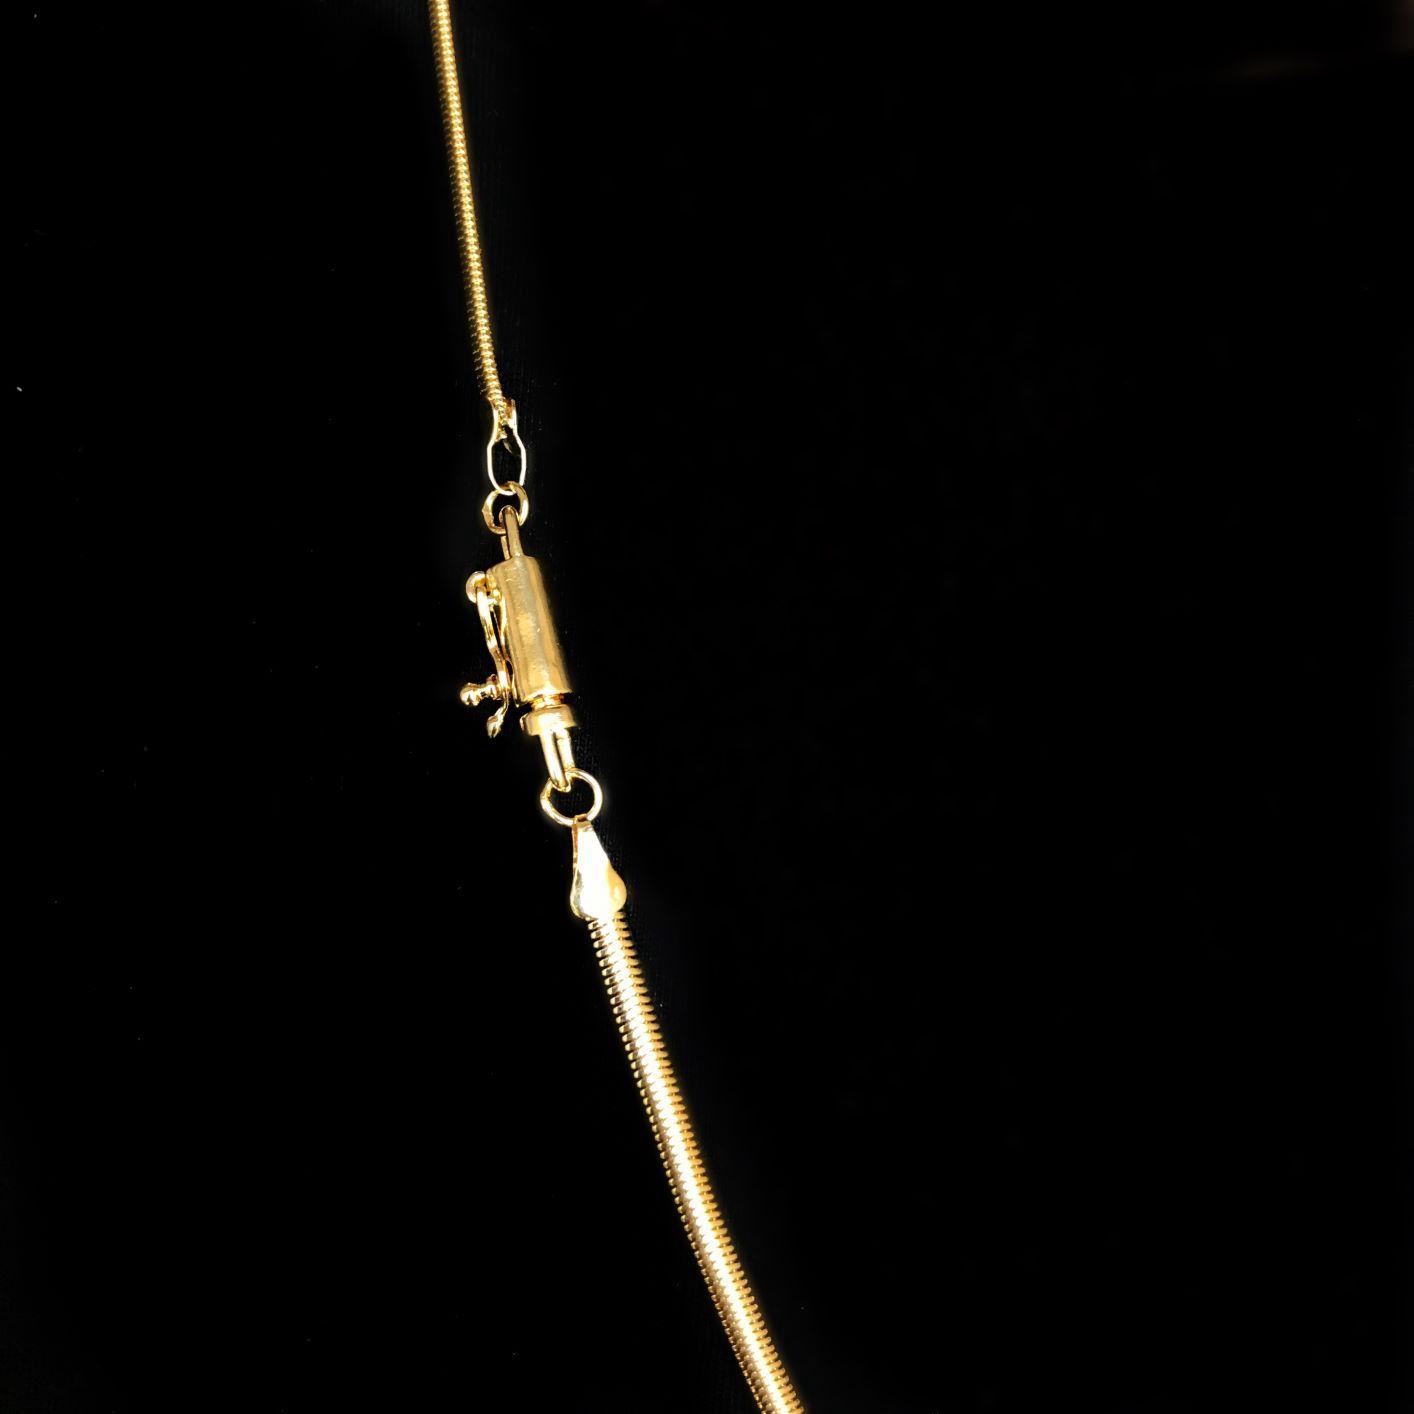 Corrente Rabo de Rato Chapada 3mm 70cm 15g (Fecho Canhão) (Banho Ouro 24k)